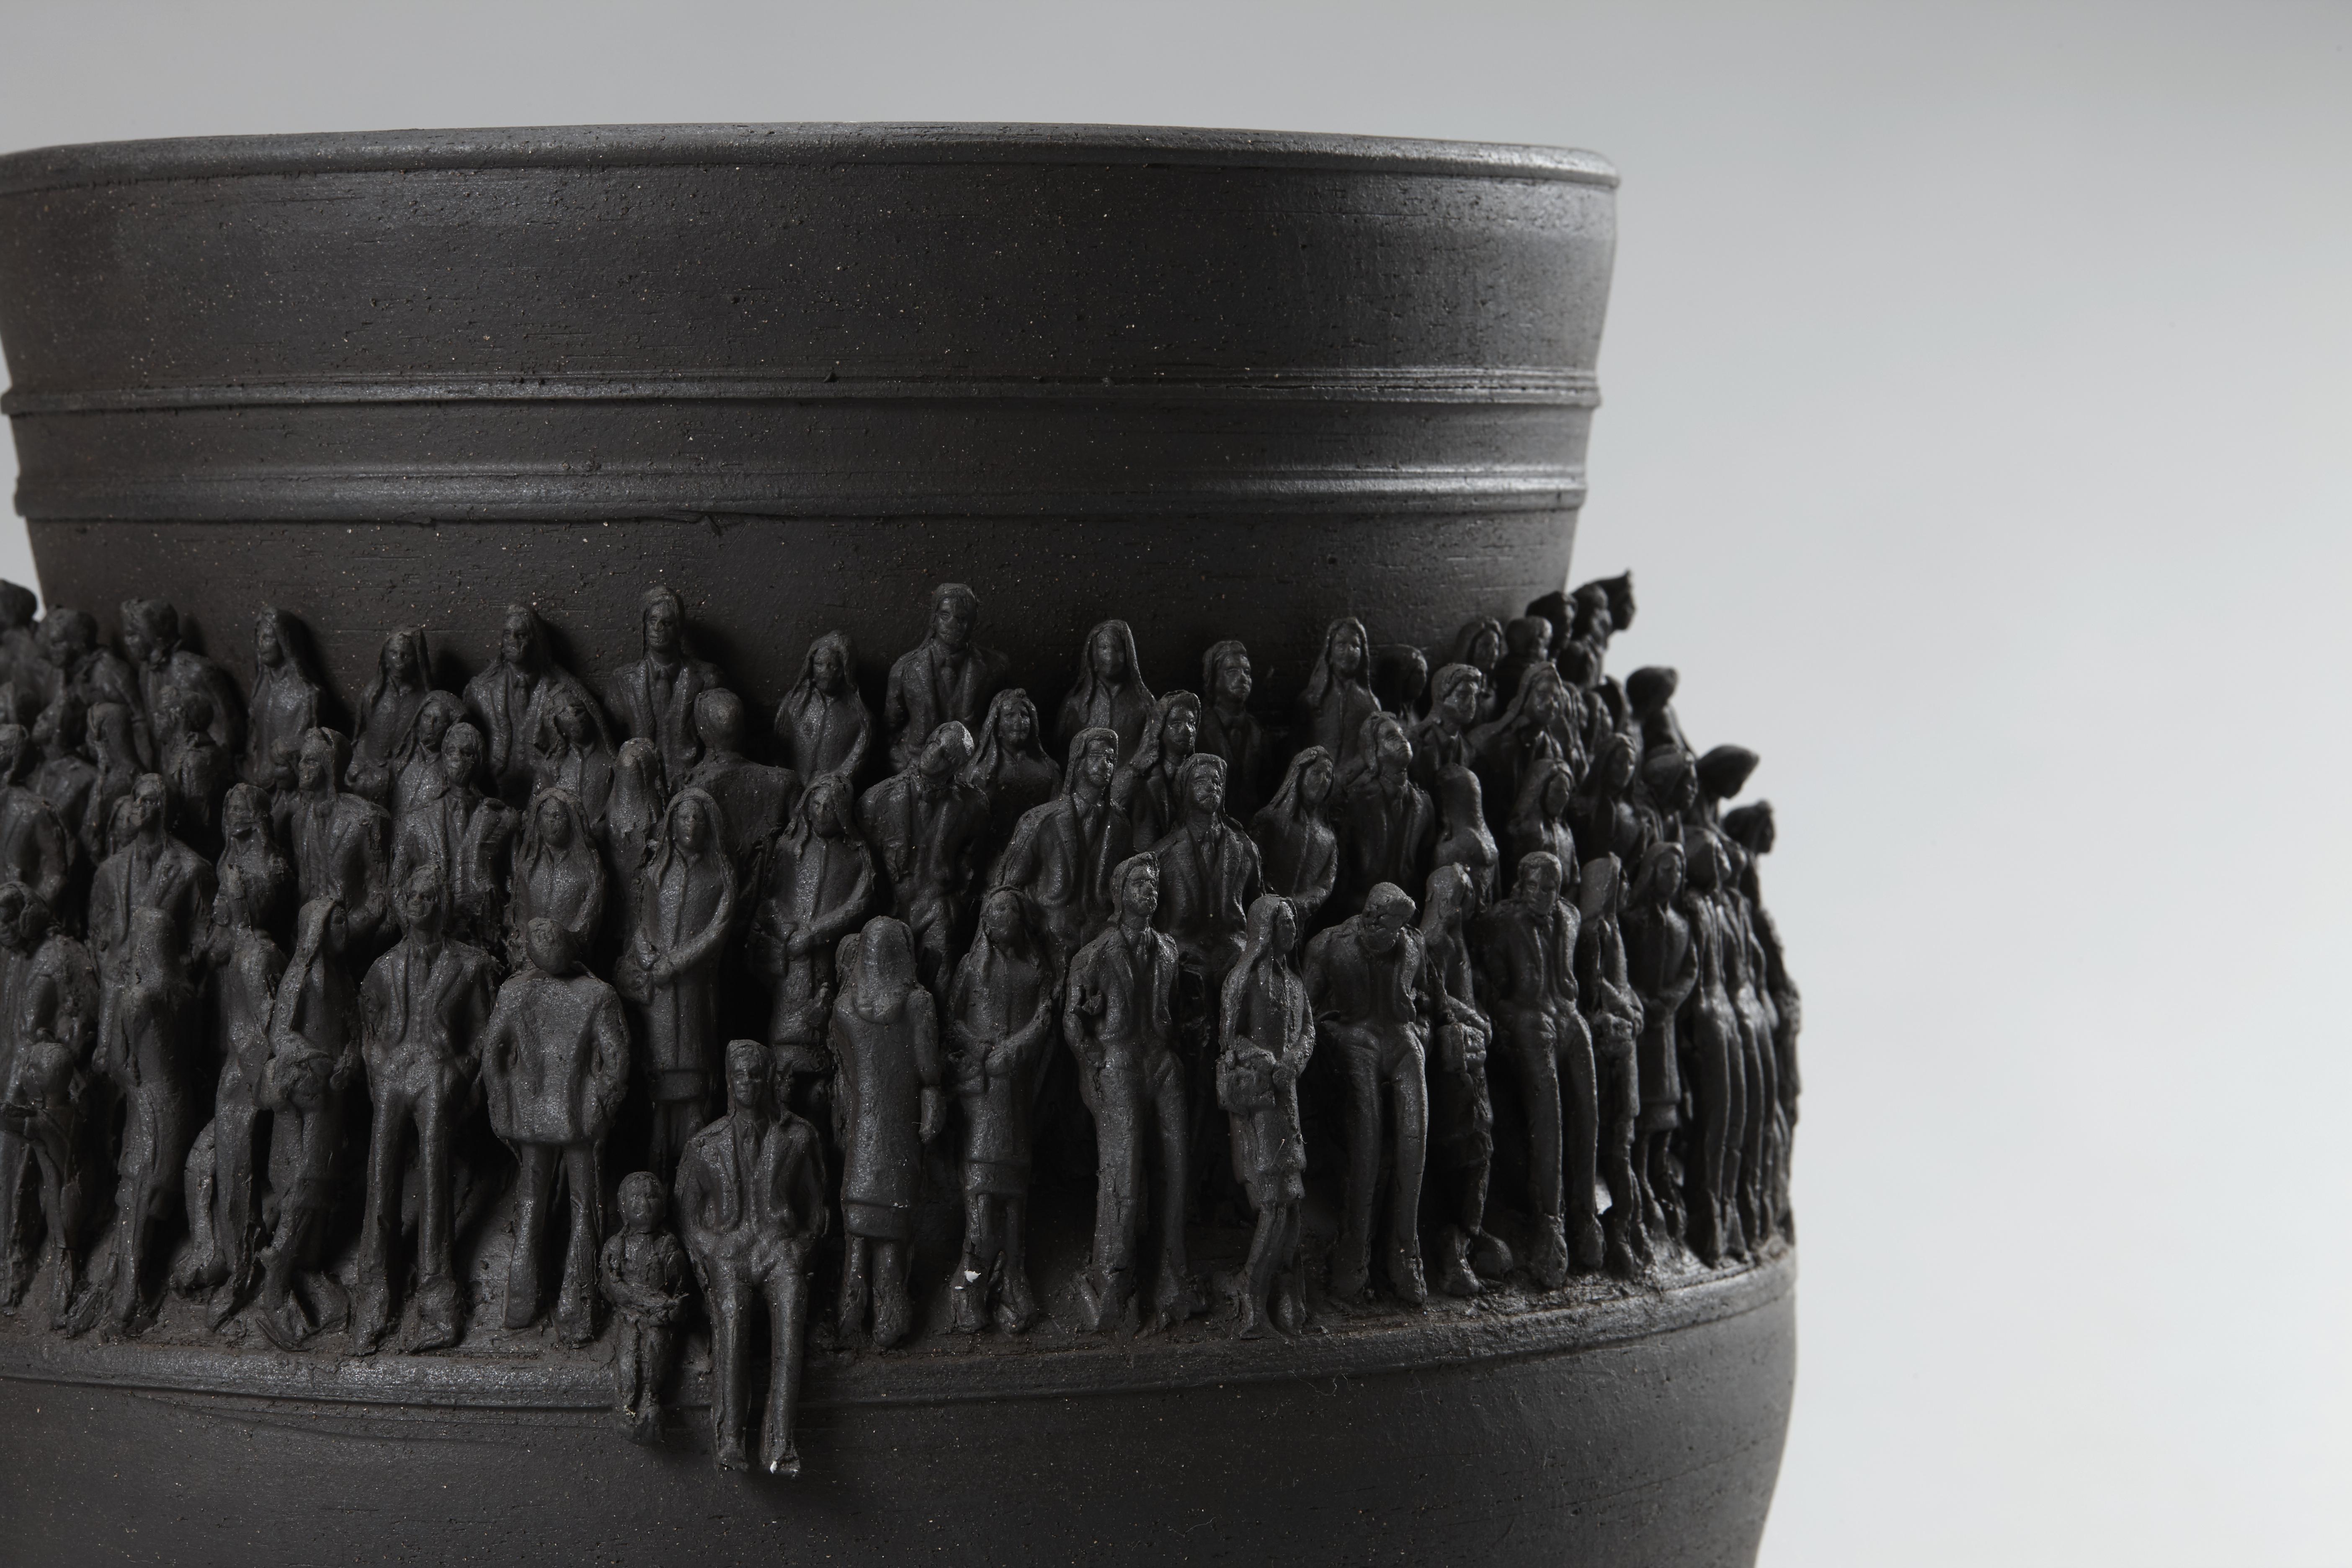 2017_도자비엔날레_21세기 토우 붙은 항아리-2_26x26x35 cm